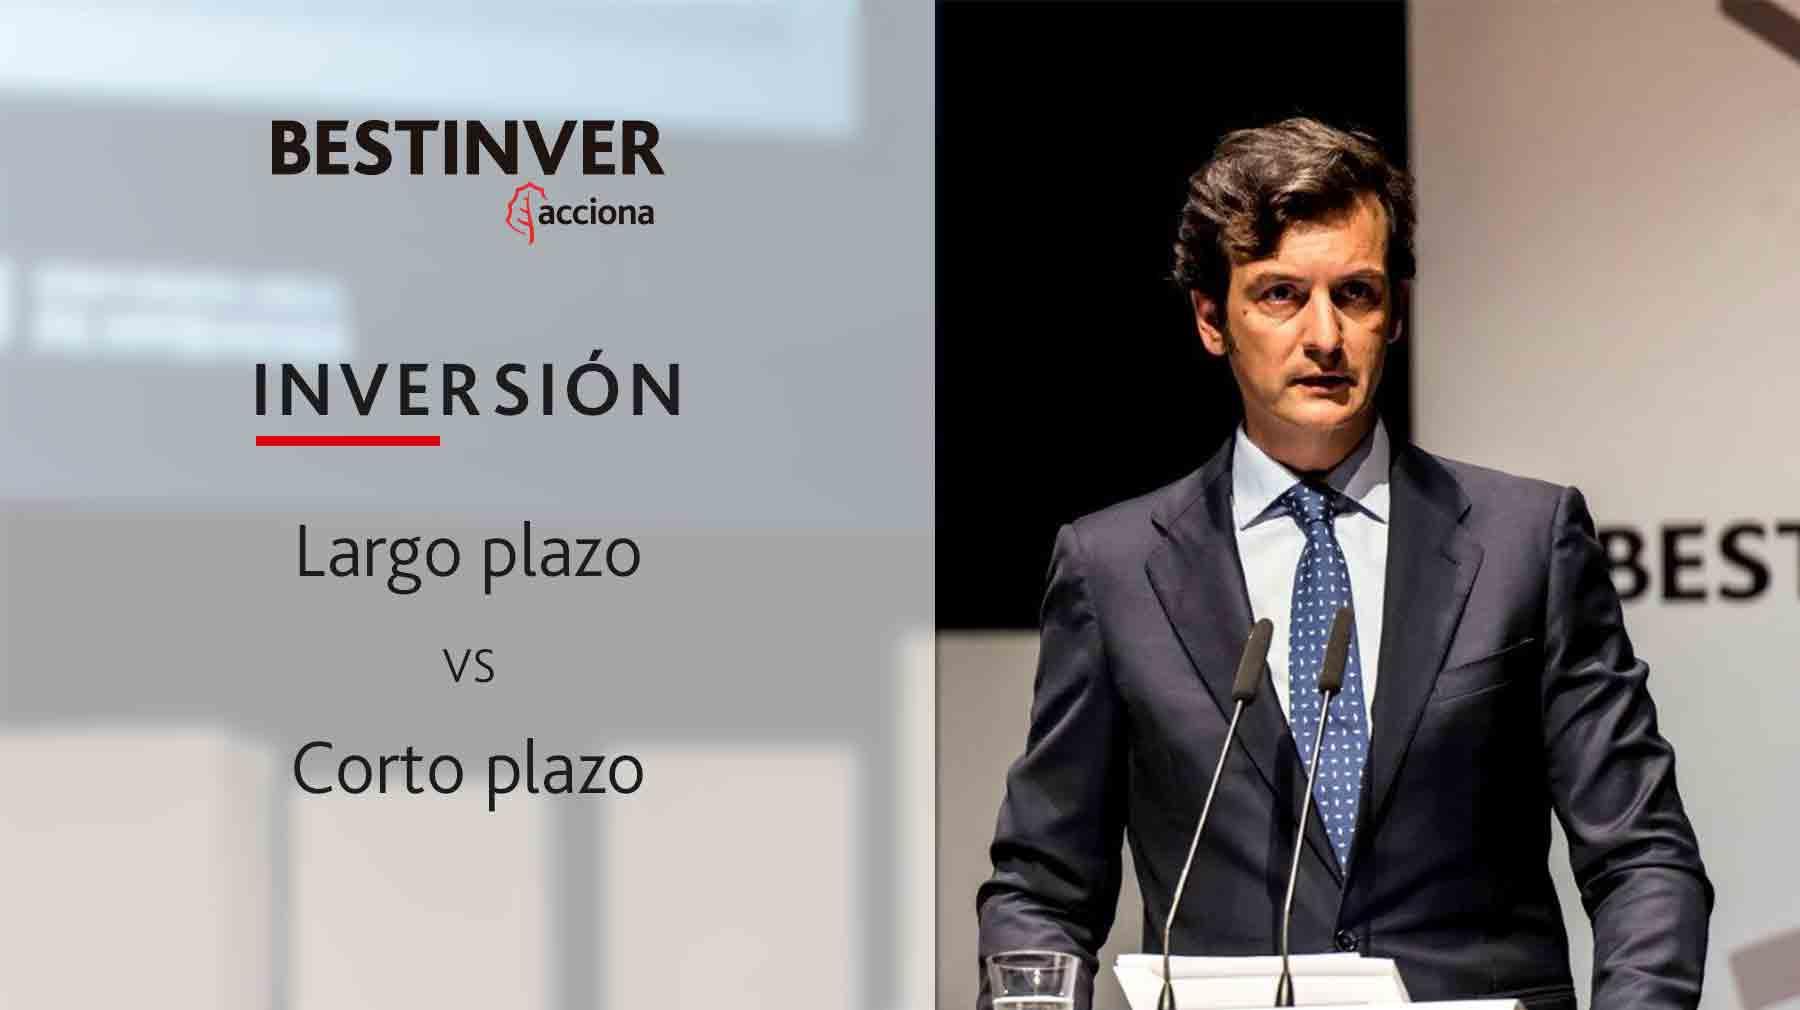 Inversión a largo plazo o inversión a corto plazo, ¿qué es mejor?